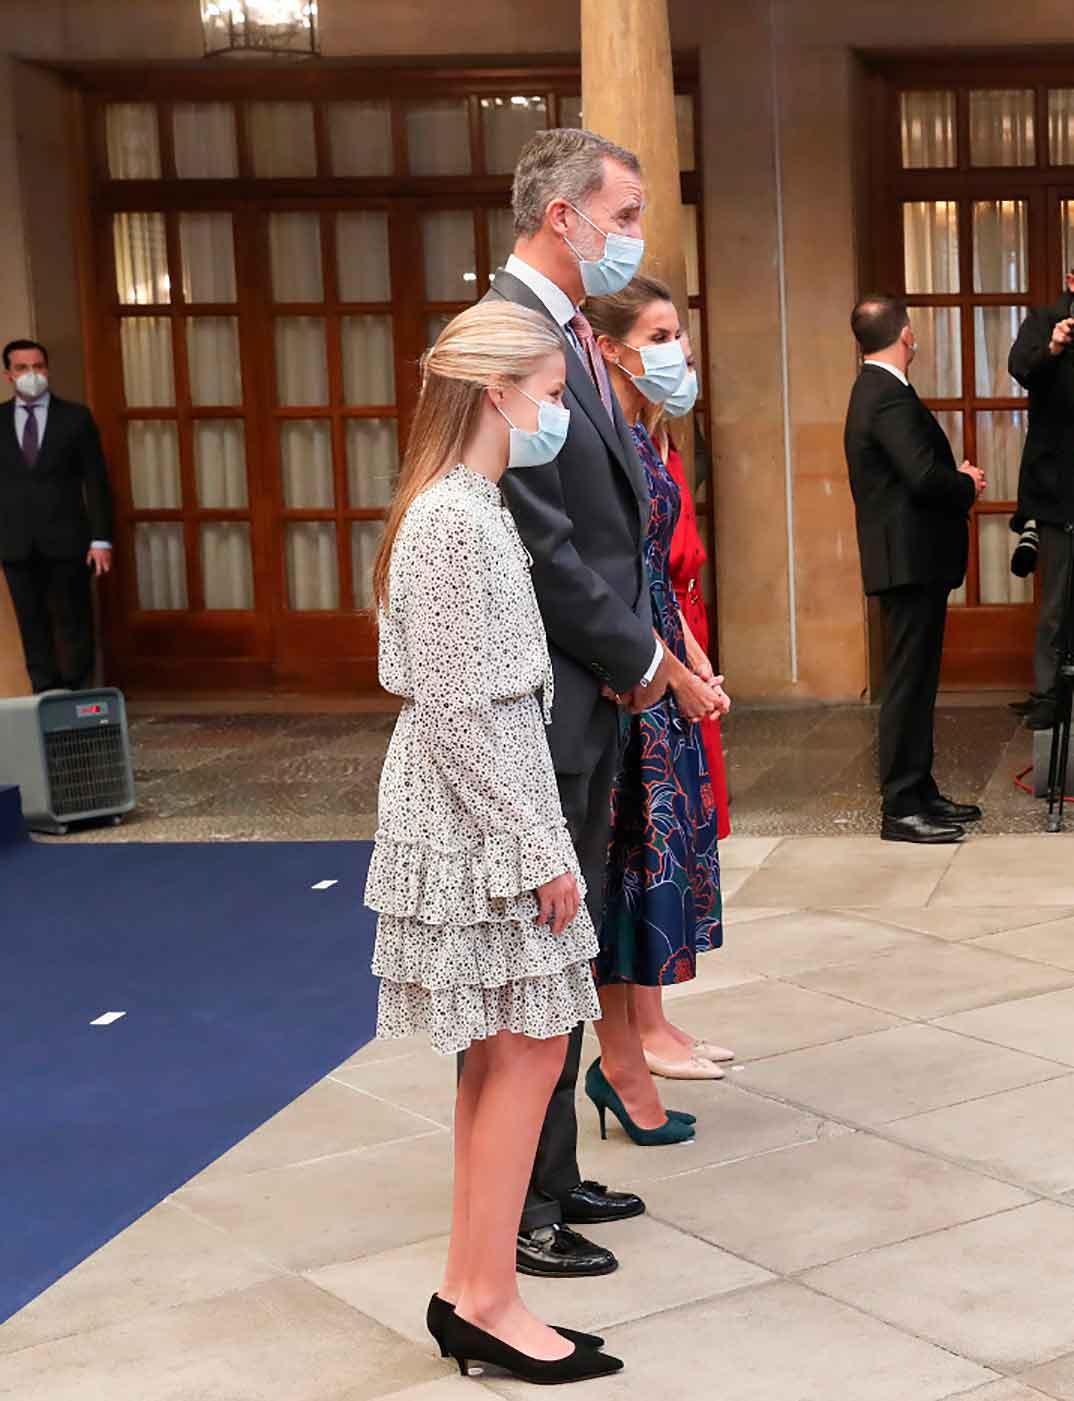 Princesa Leonor - Audiencia a los galardonados con los Premios Princesa de Asturias 2020 © Casa S.M. El Rey